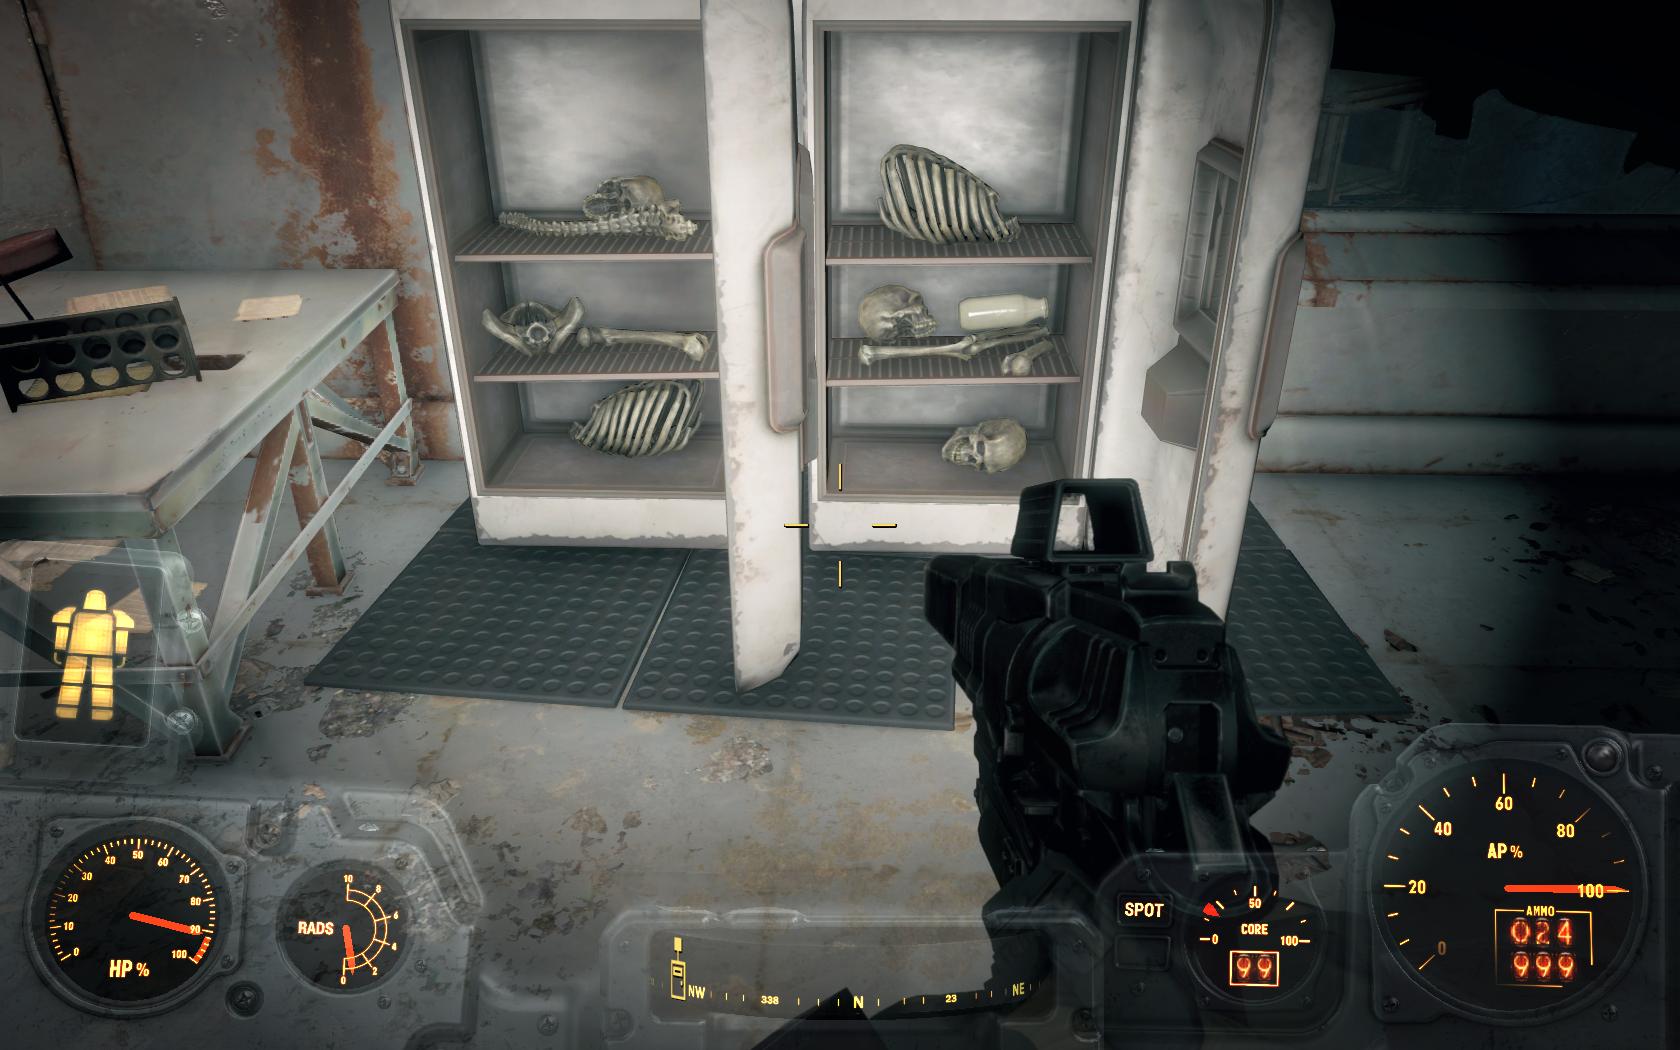 Холодильник полный жрачки - 2 (Мед-Тек Рисёрч) - Fallout 4 Кость, Скелет, Холодильник